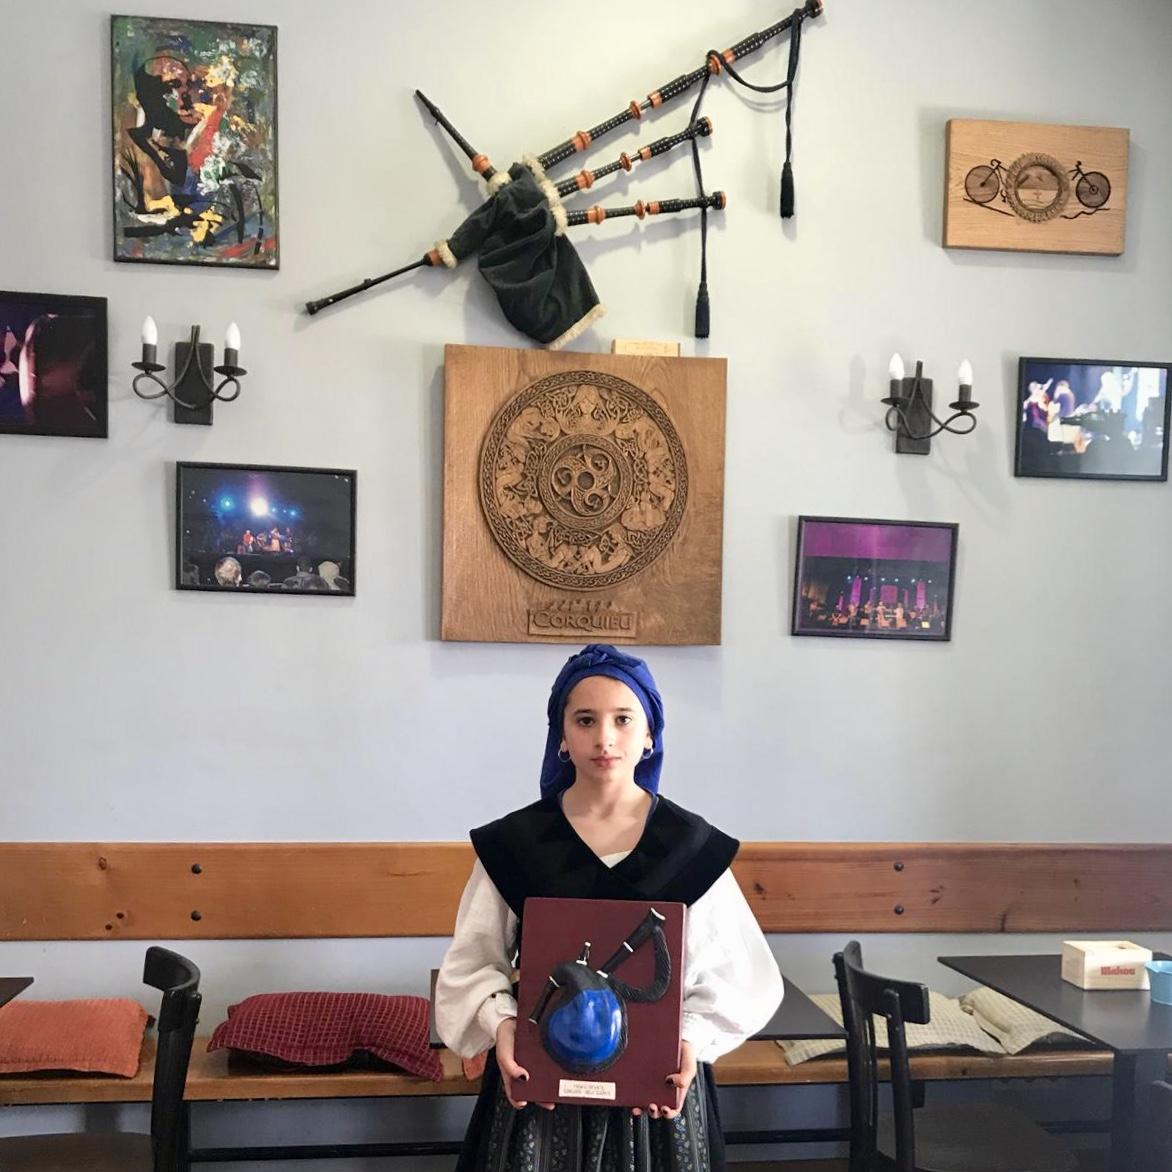 La riosellana Celia Valle competirá el viernes en Colunga por el Premio Gaiteru Lliberdón